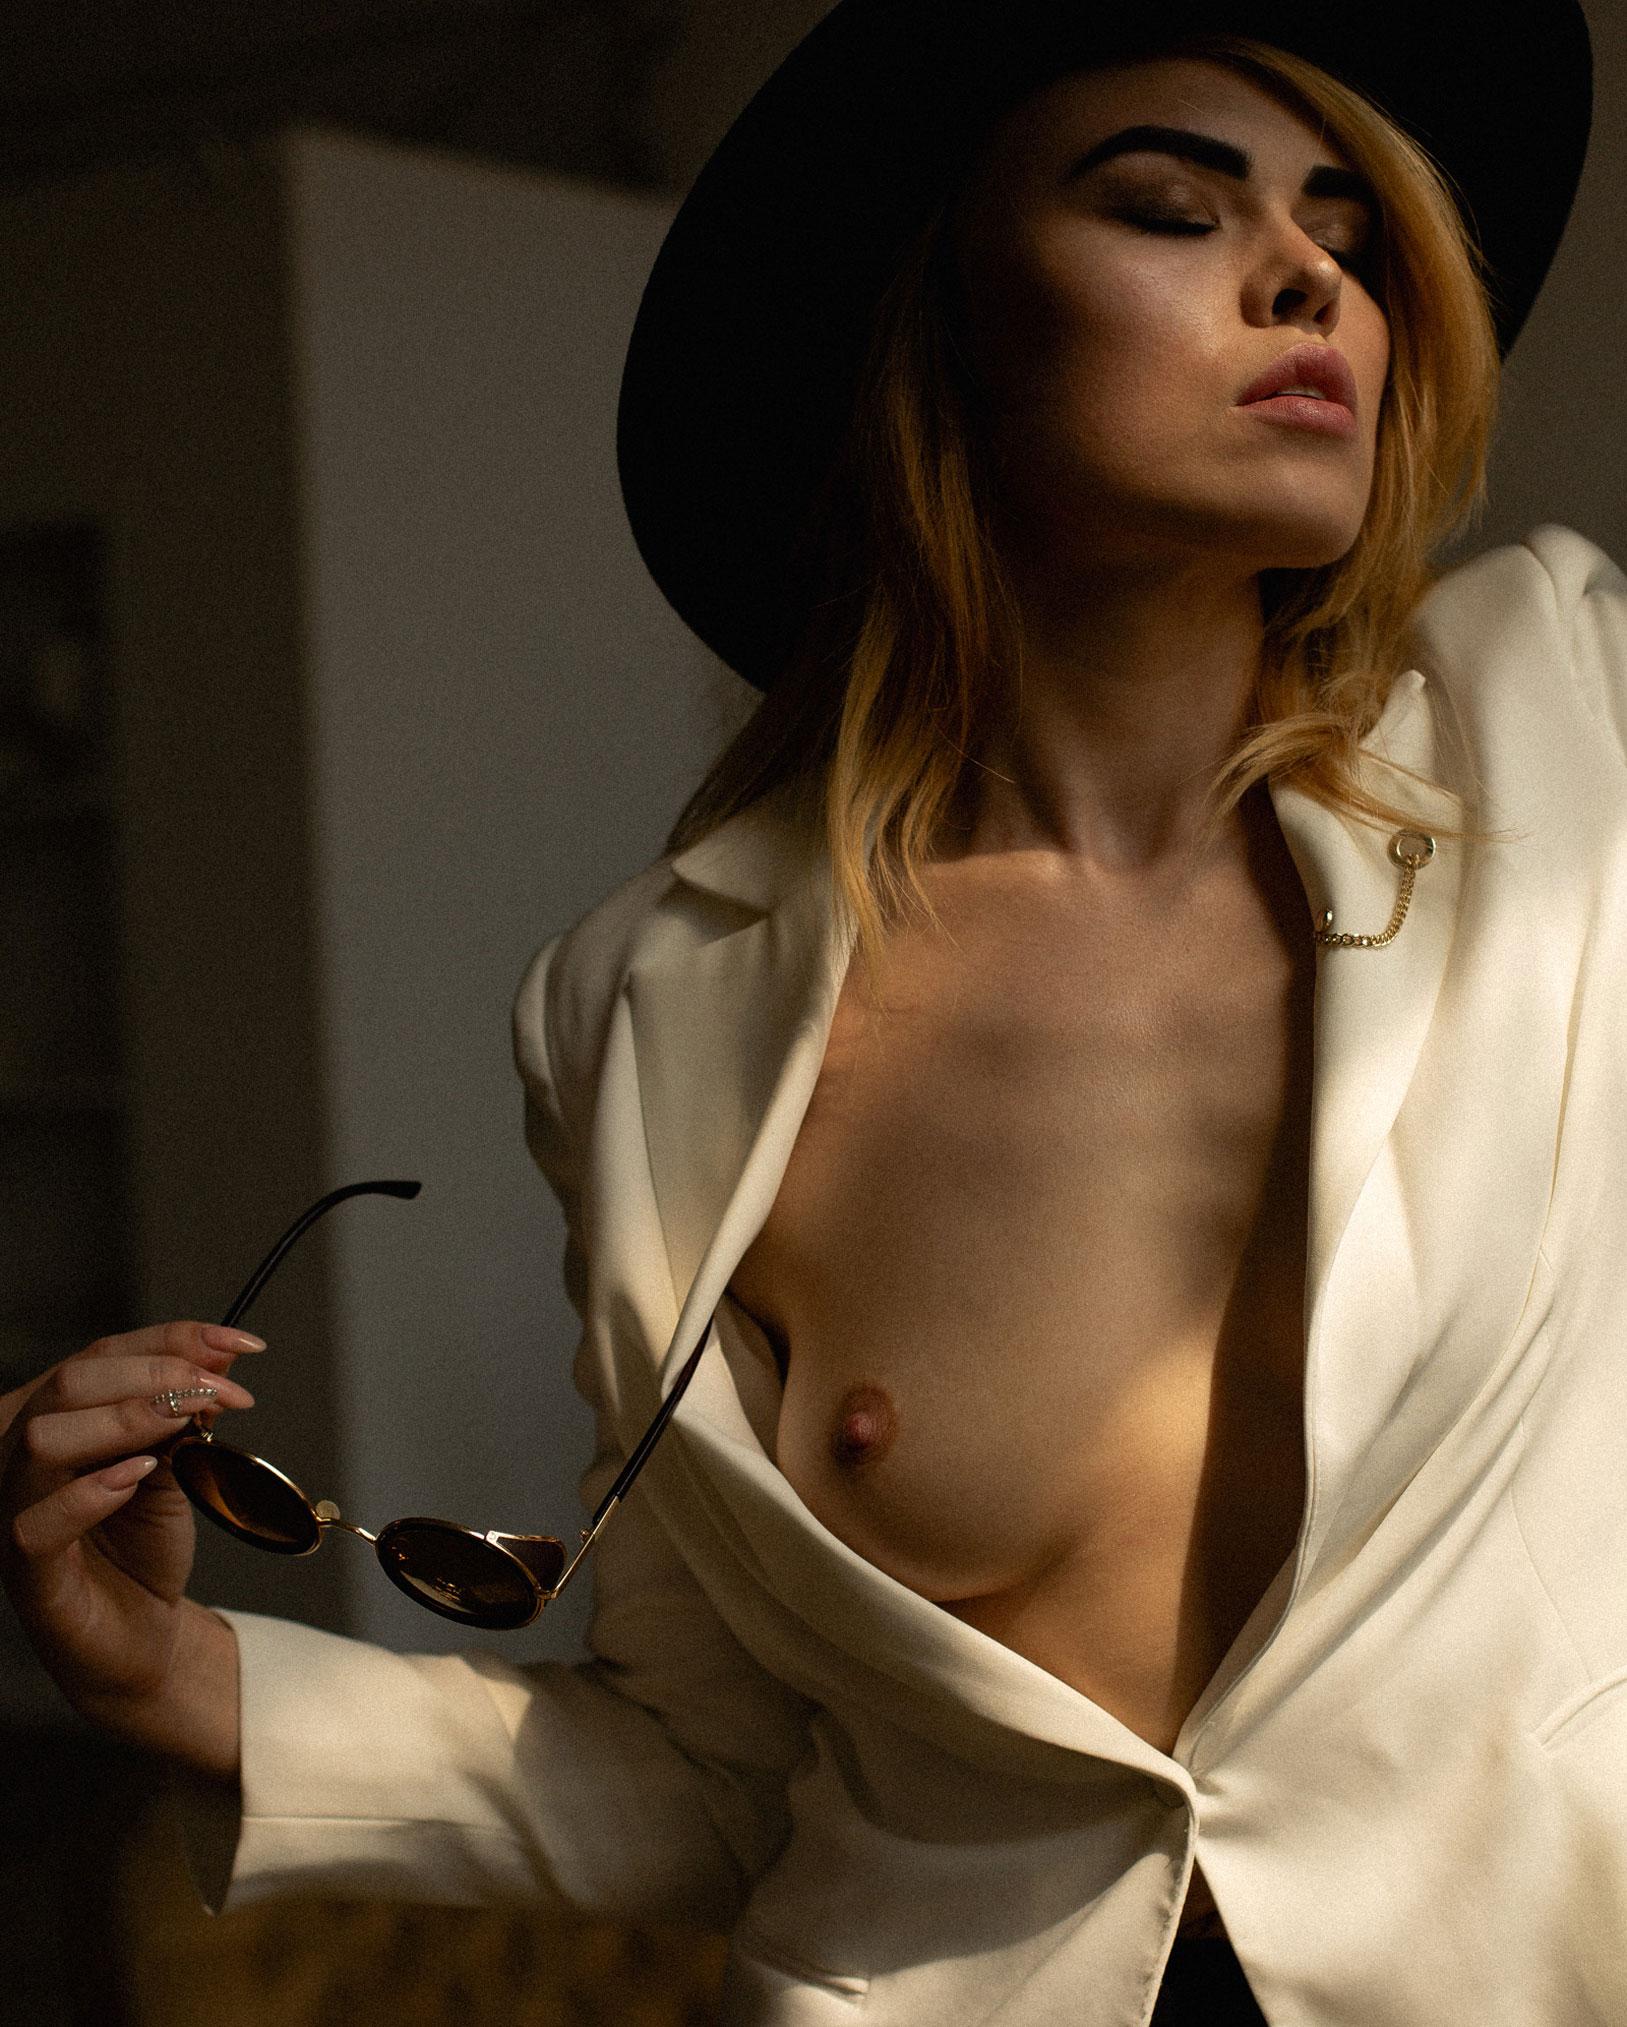 сексуальная фотомодель Эллина Мюллер / фото 05